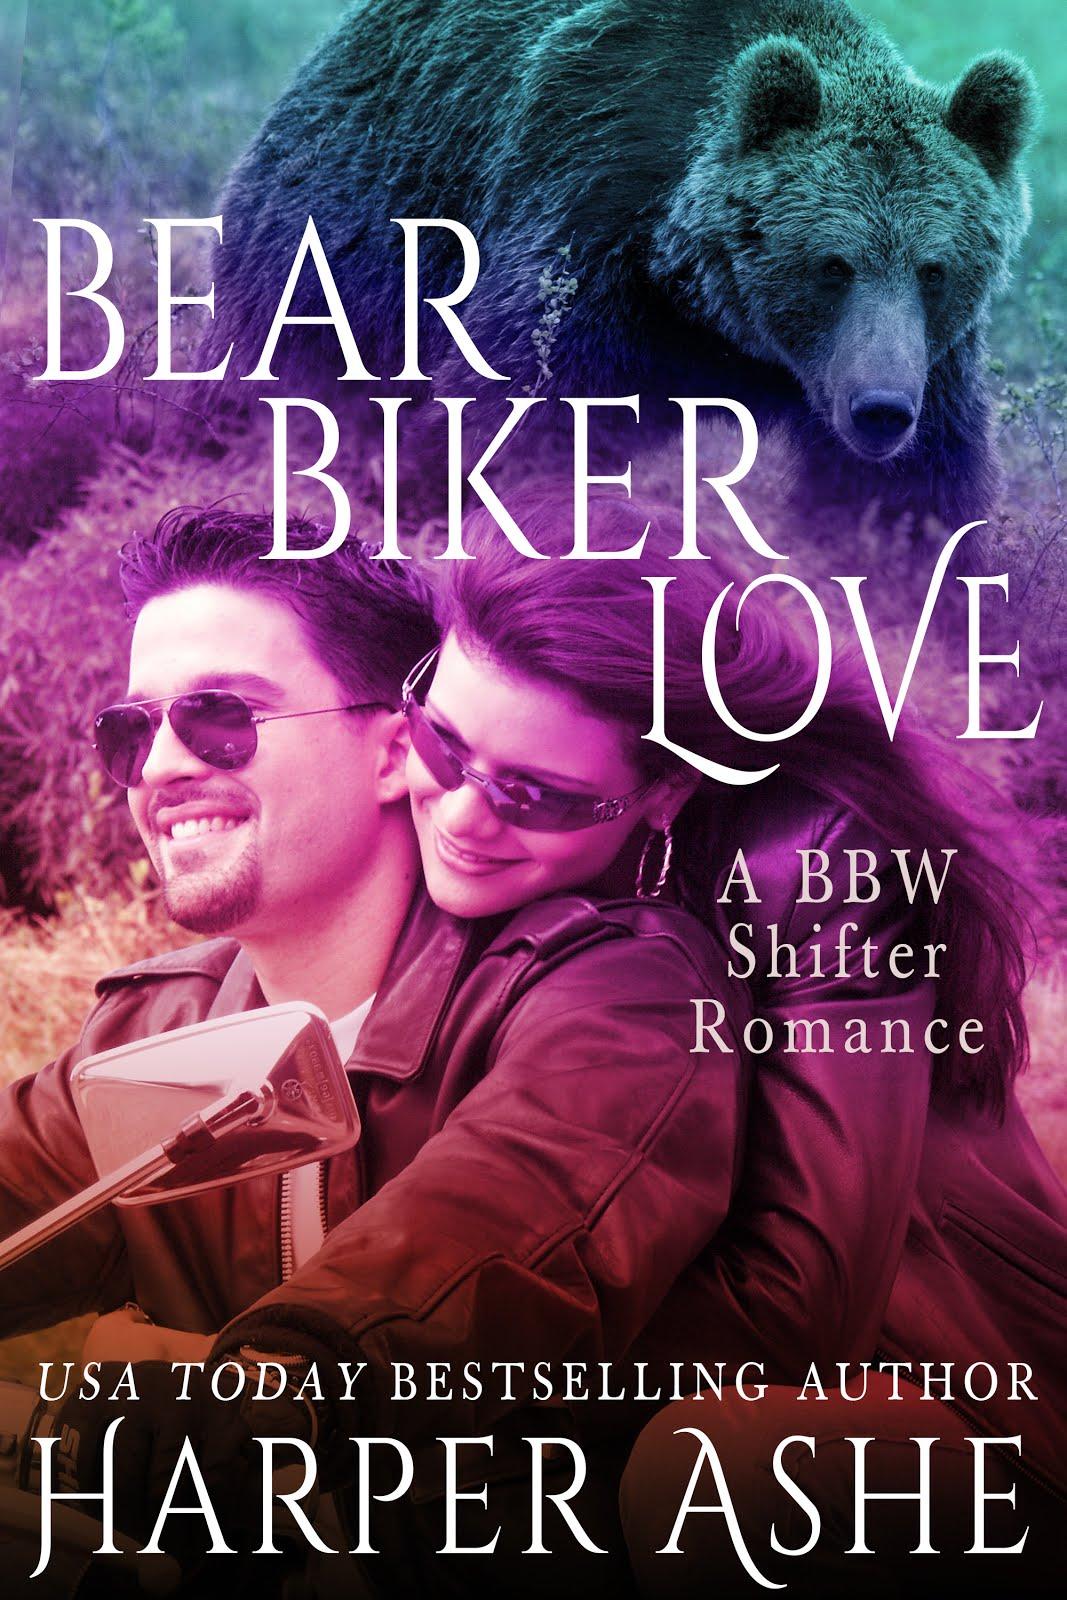 BearBikerLove.jpg